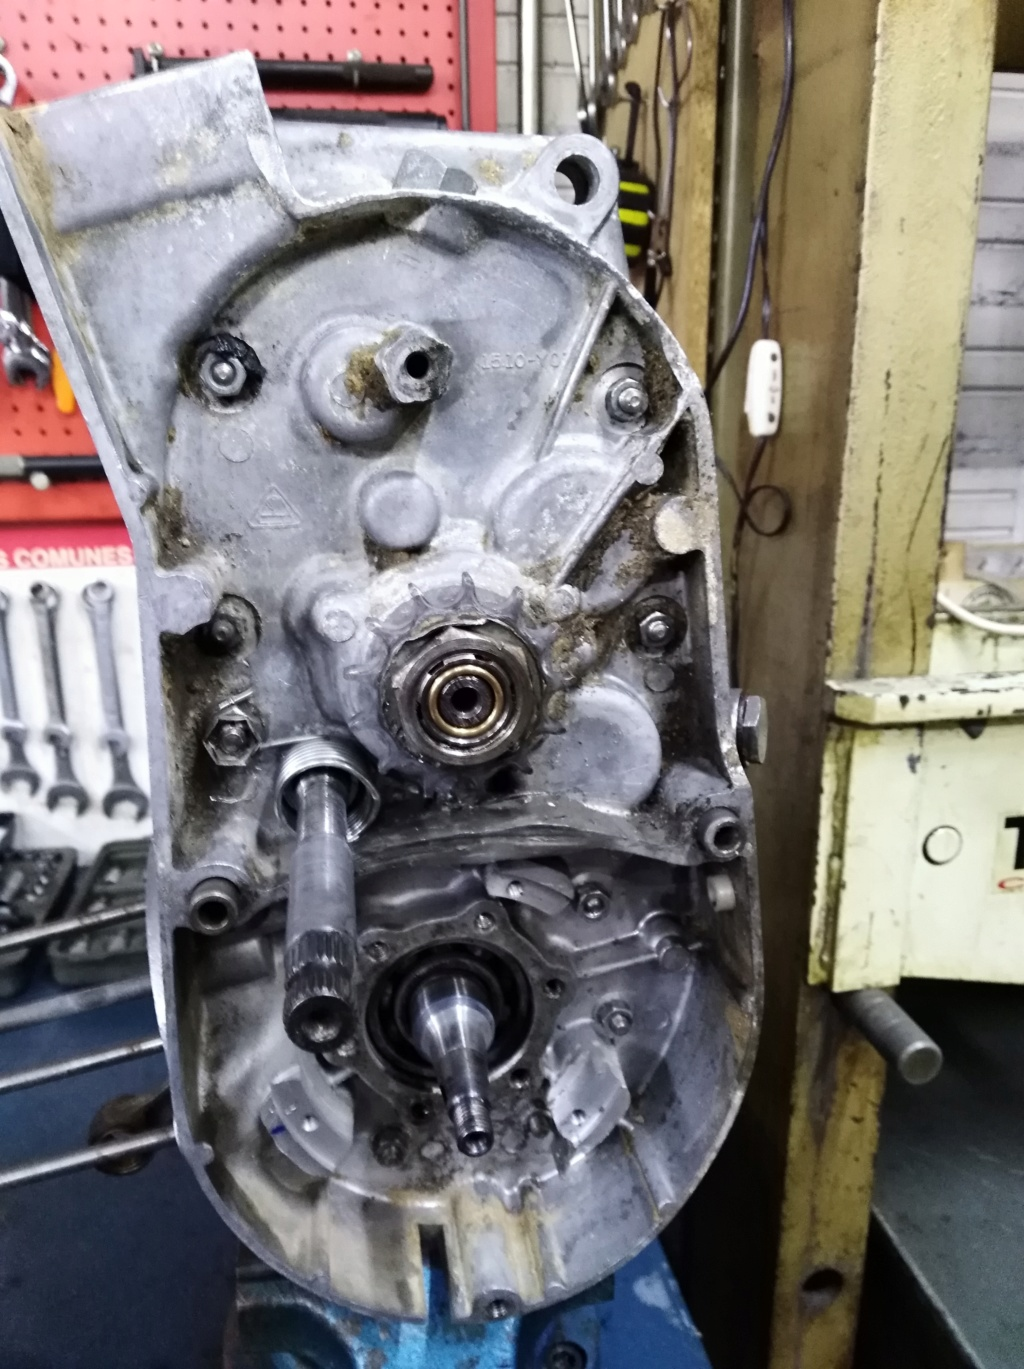 Restauración Lobito 74 Mk3 - Página 2 Img_2166